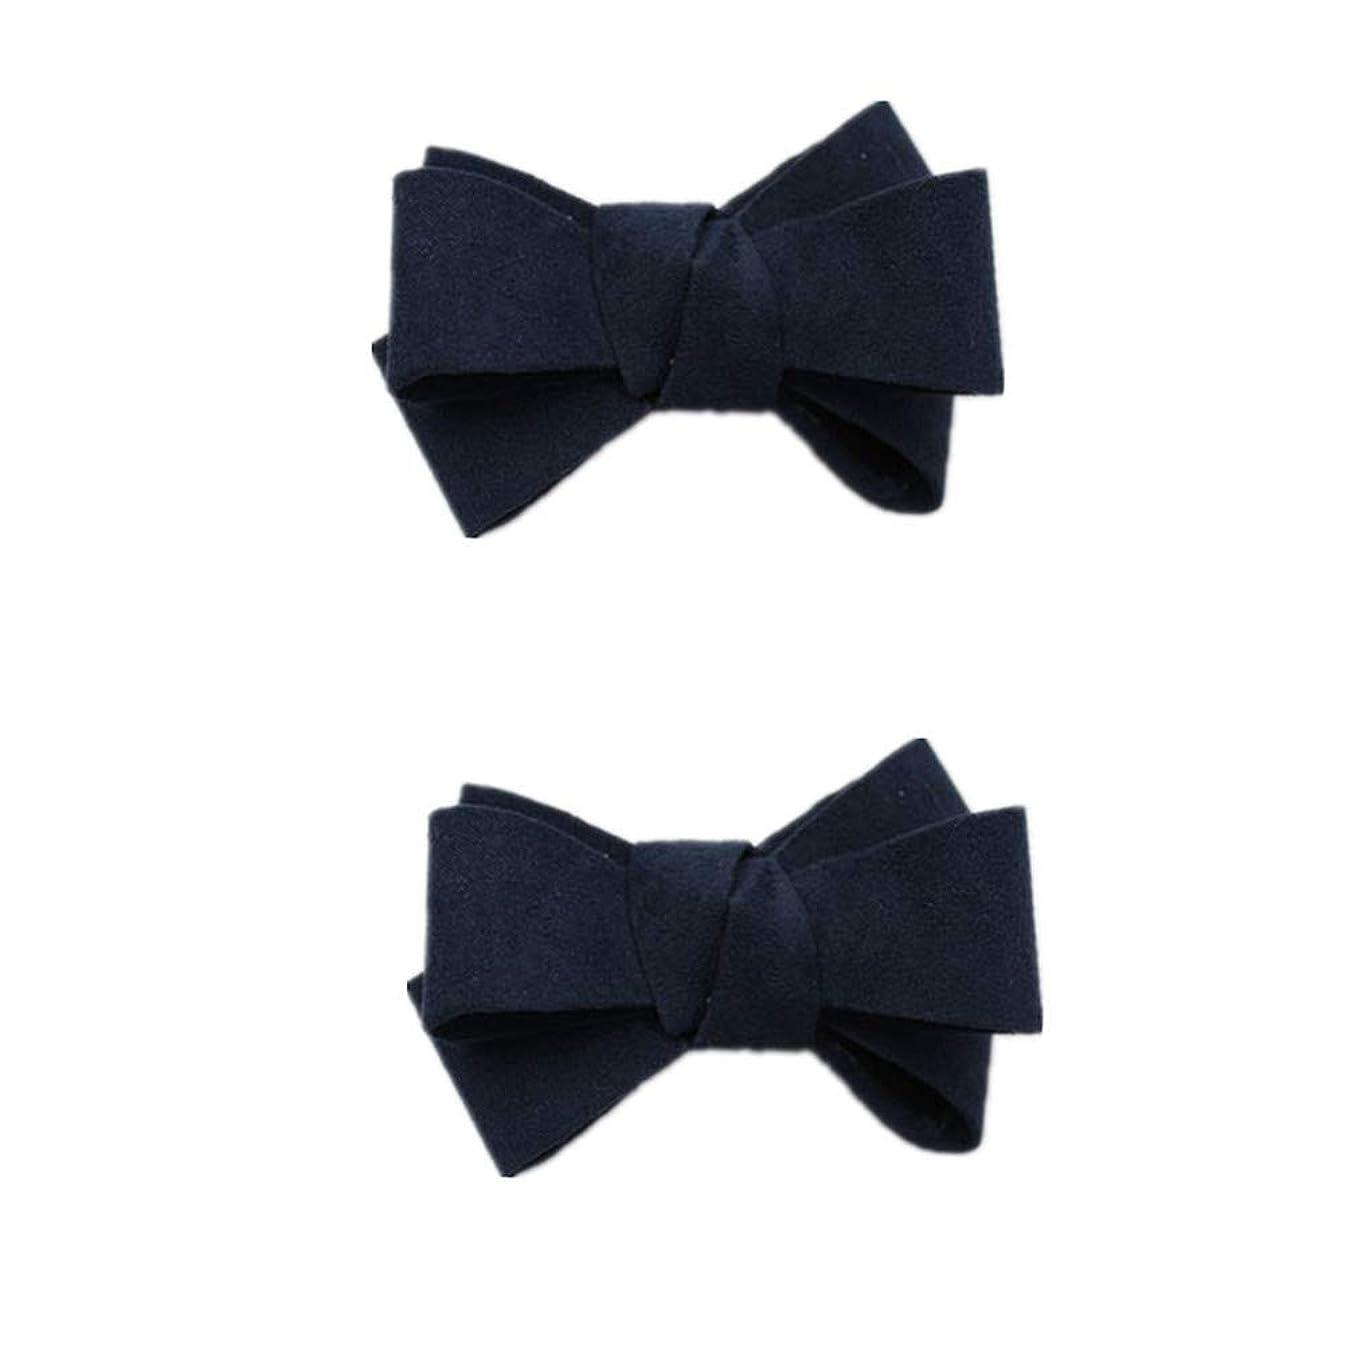 Douqu Assorted Color Fashion Leather Bow Shoes Clips Velvet Decorative Shoe Accessories Shoe Clip Charms (Navy)